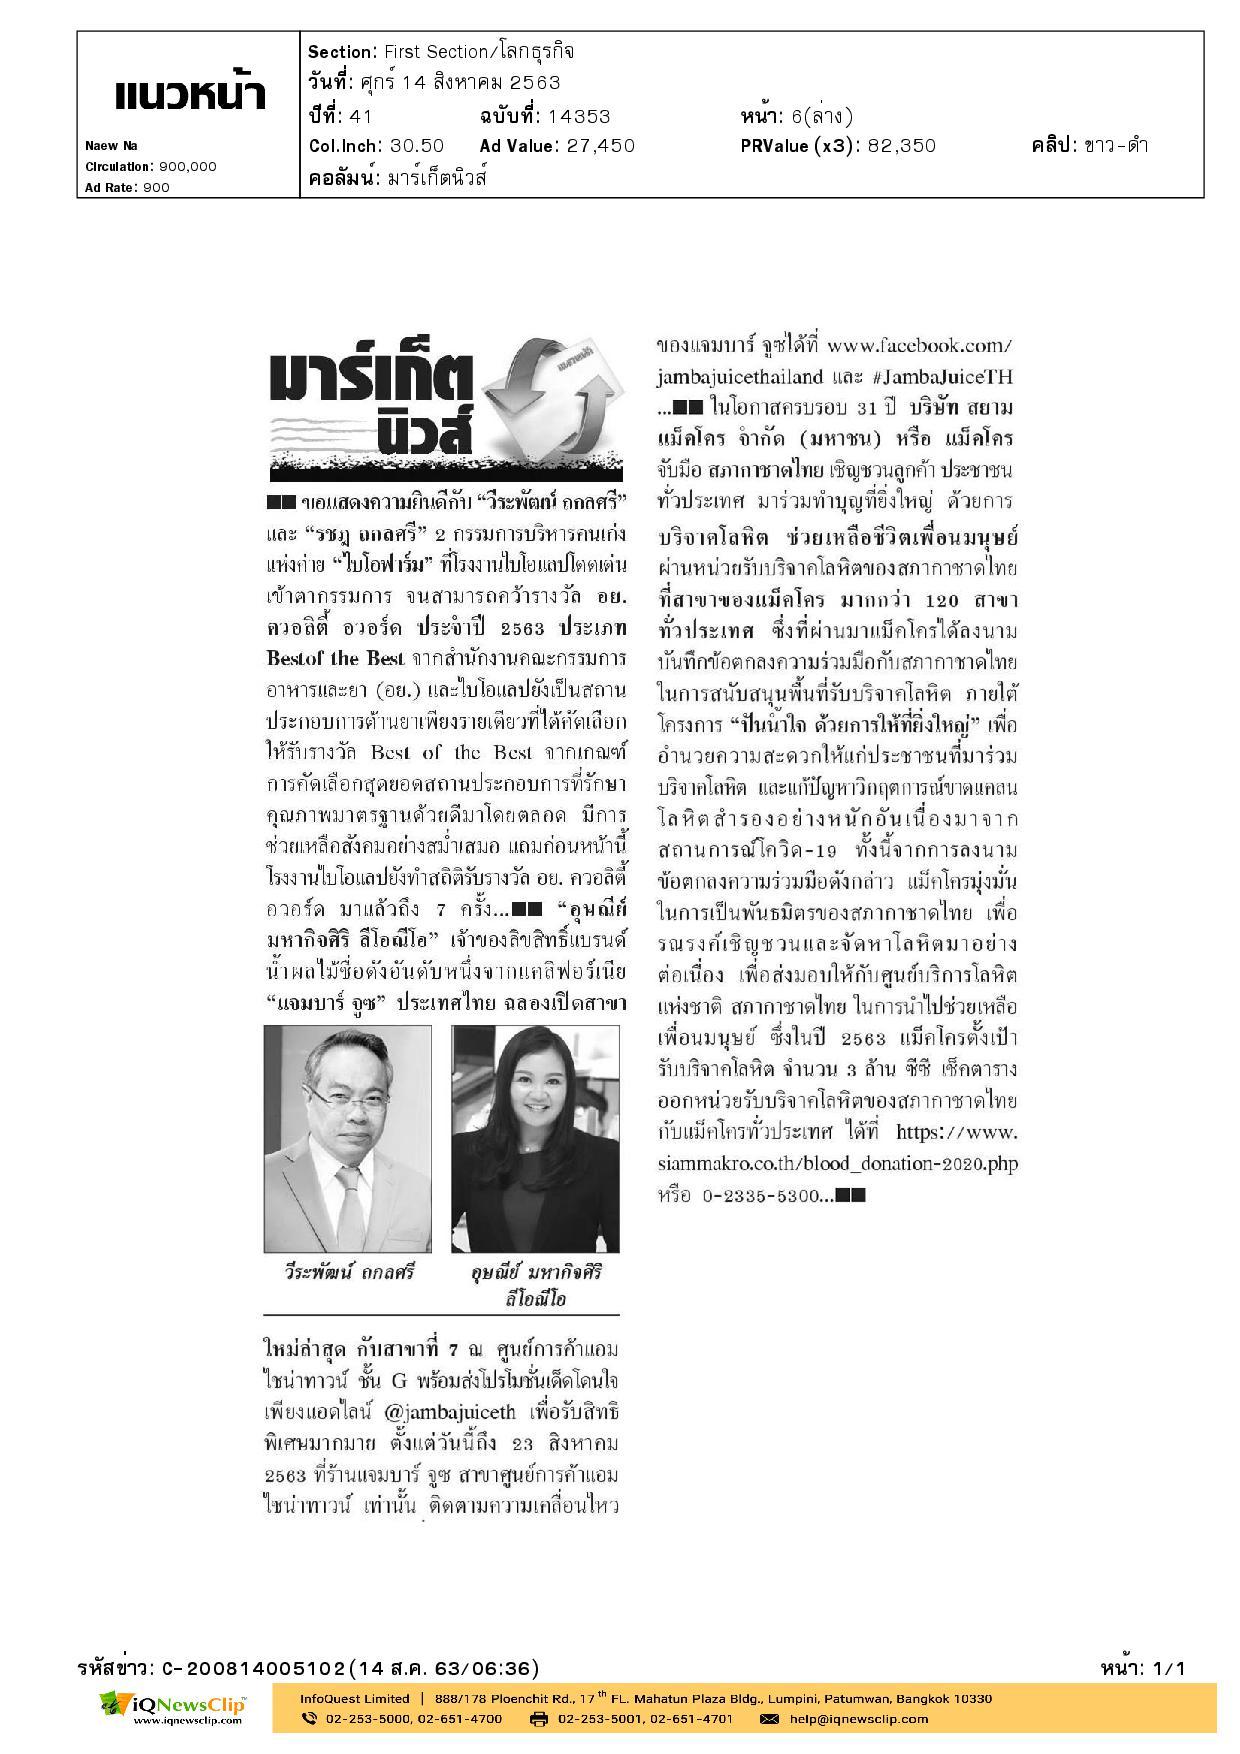 บริจาคโลหิตให้แก่สภากาชาดไทย